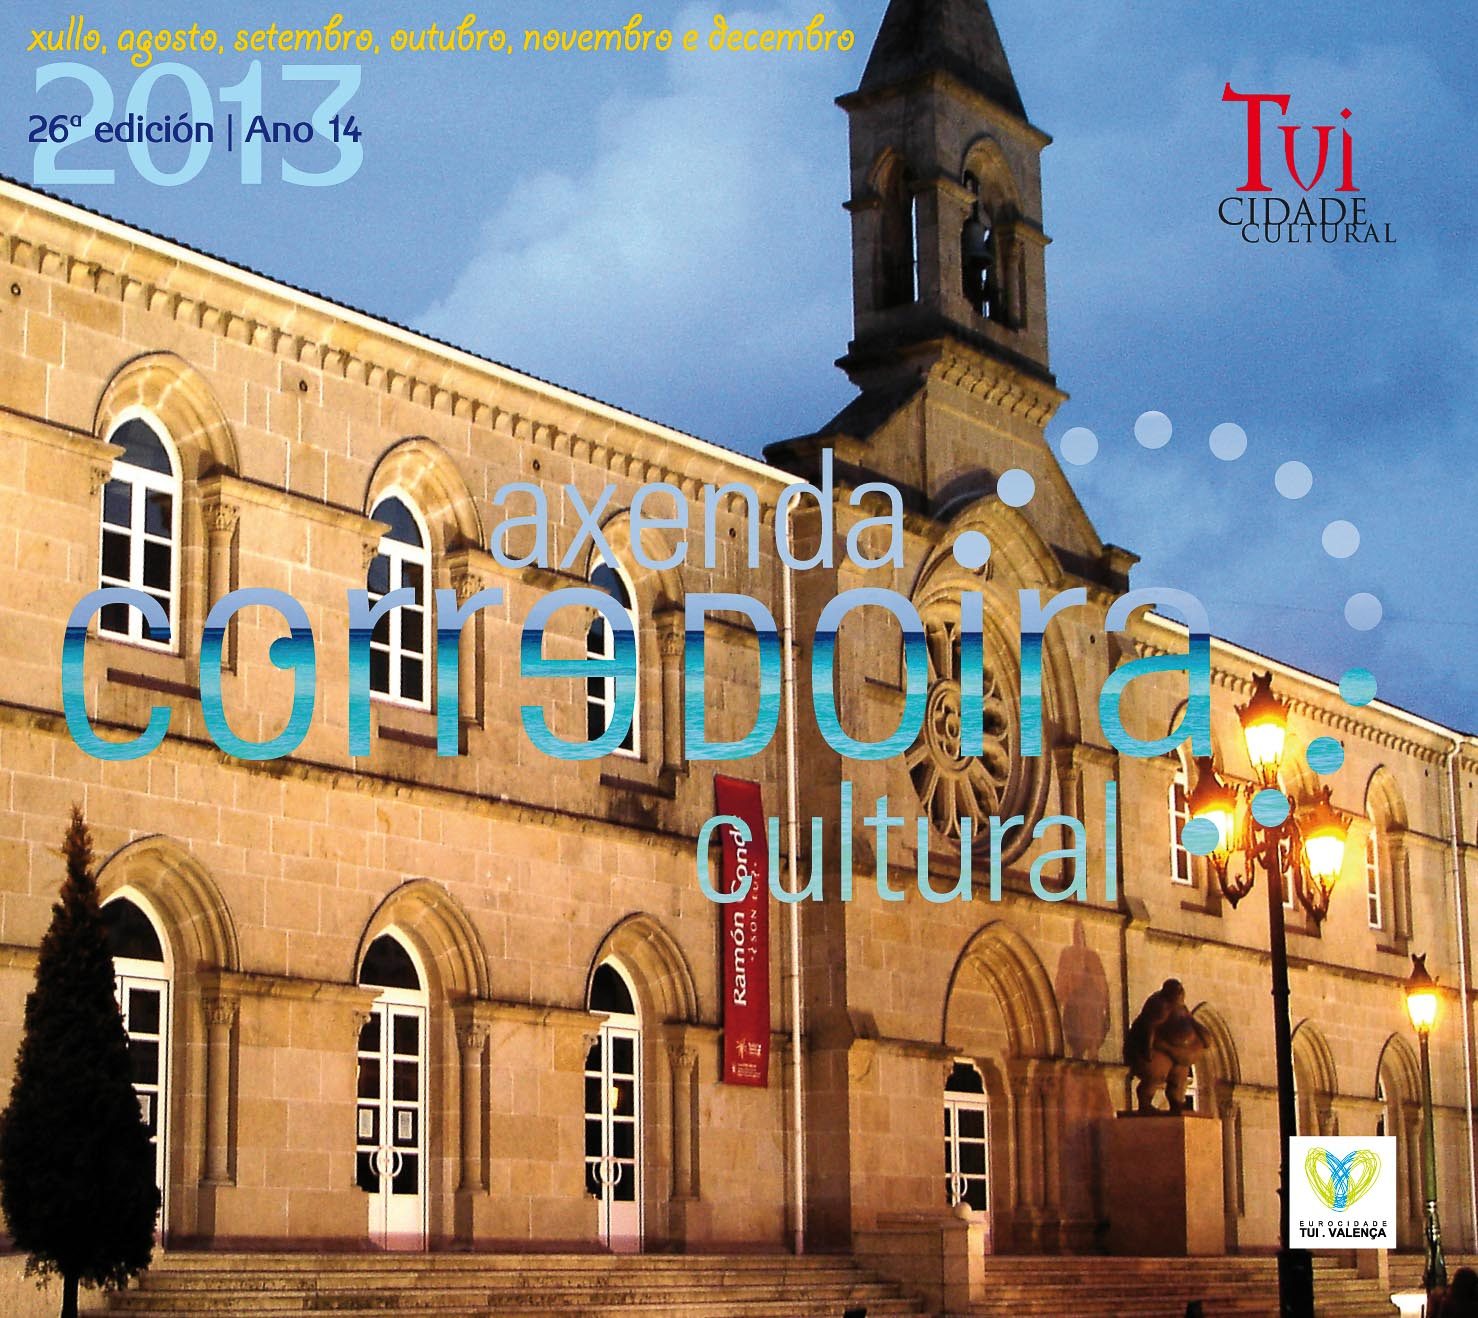 concello-de-tui-2013 2º portada